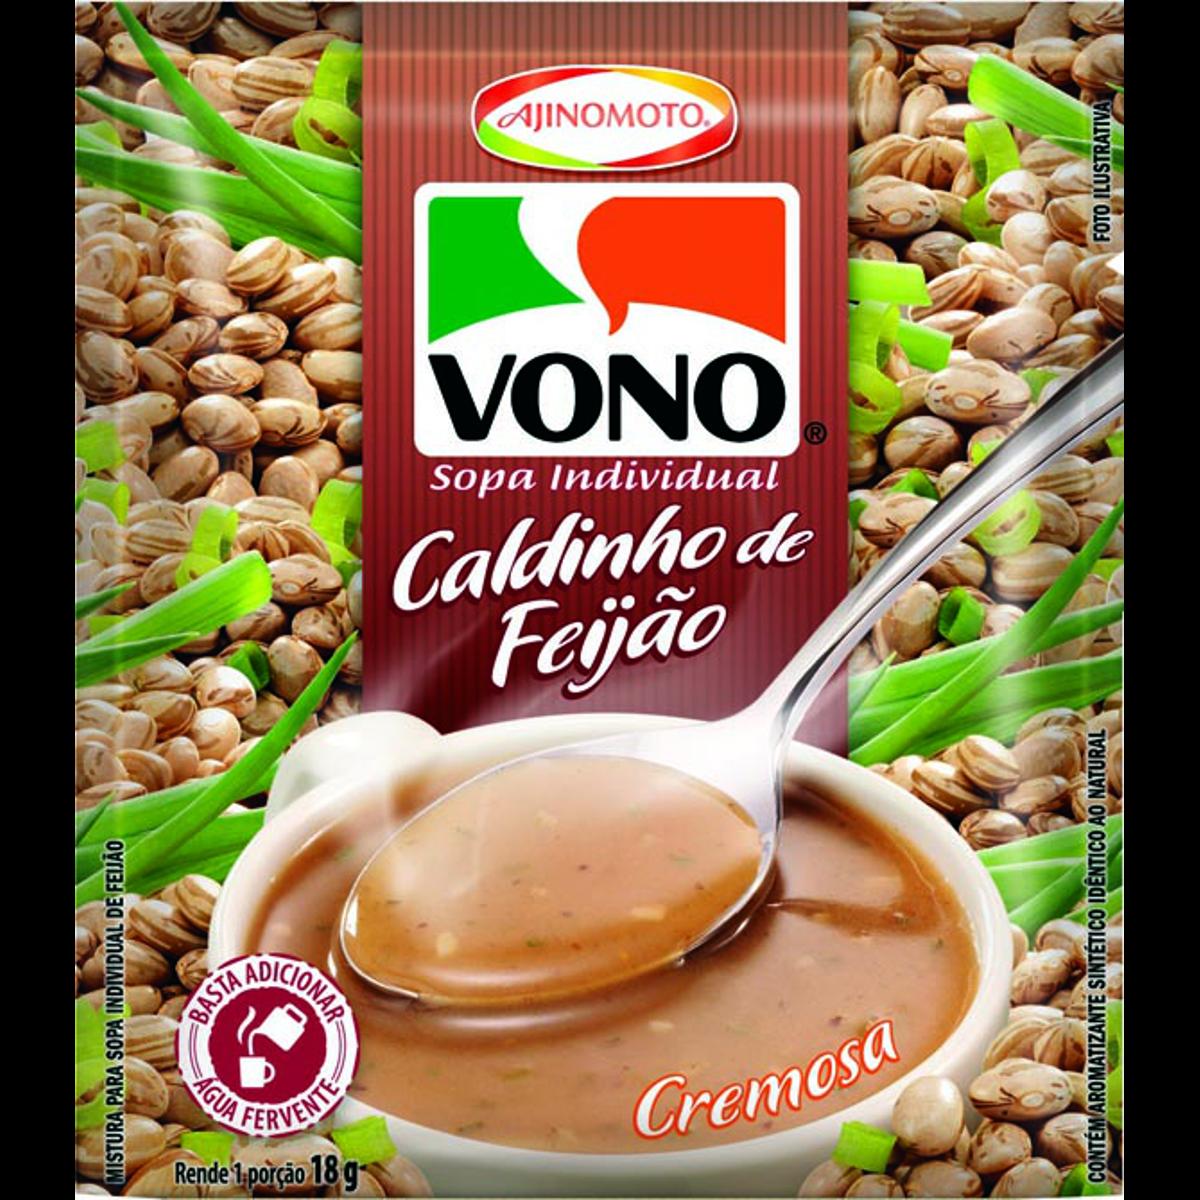 Caldo Feijao (Instant Soup) by Vono 17gr